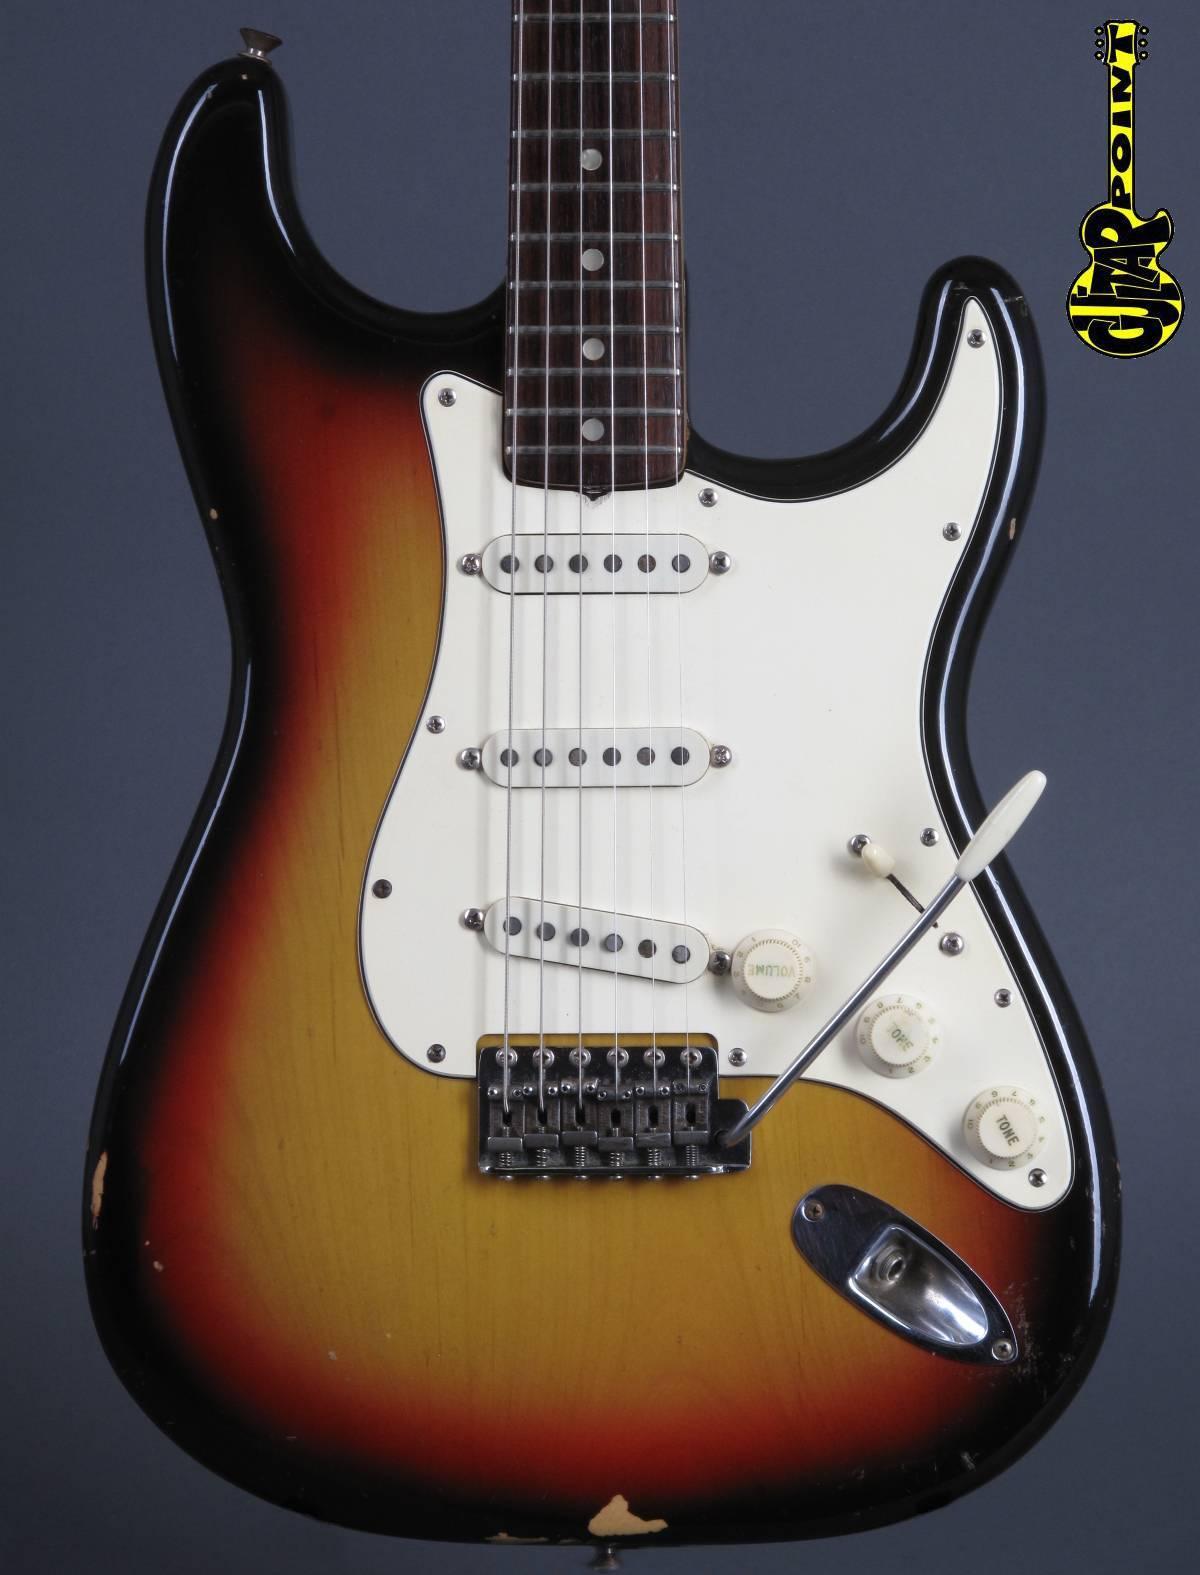 1971 Fender Stratocaster - 3-tone Sunburst - 4-bolt !!!